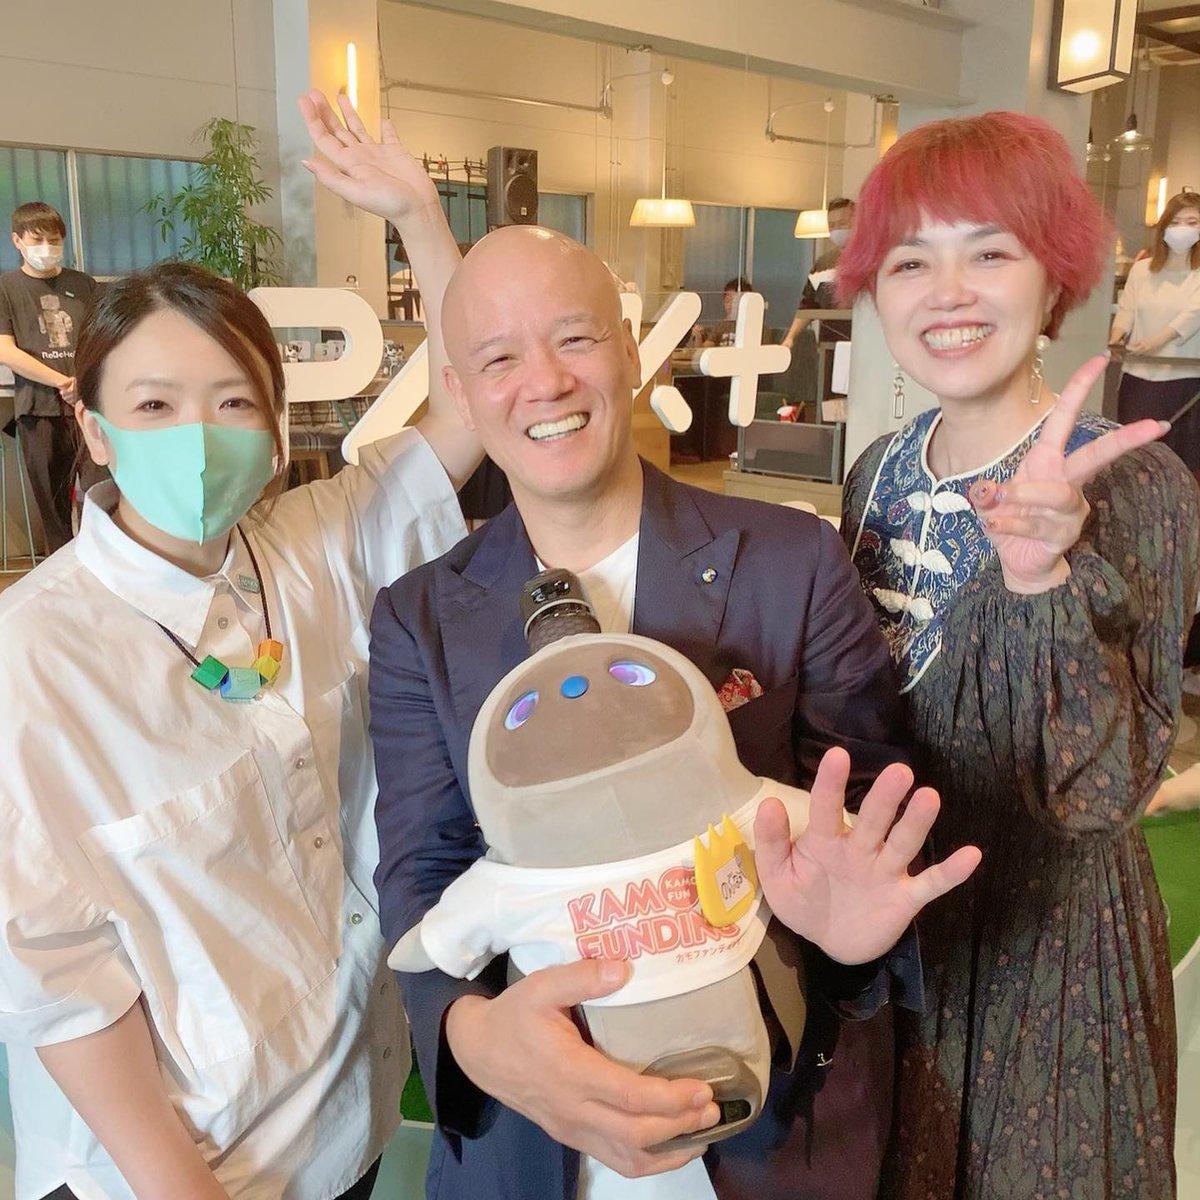 期間限定オープンの新世代ロボットカフェ【PARK+】@渋谷で10月2日(土)に鴨頭嘉人1日店長プレミアムイベントやりまーす‼️15時の部 17時の部 客席もアイテムもすべてが『映え空間💕』なのでスマホだけ持って行けばめちゃくちゃ楽しめます❤️